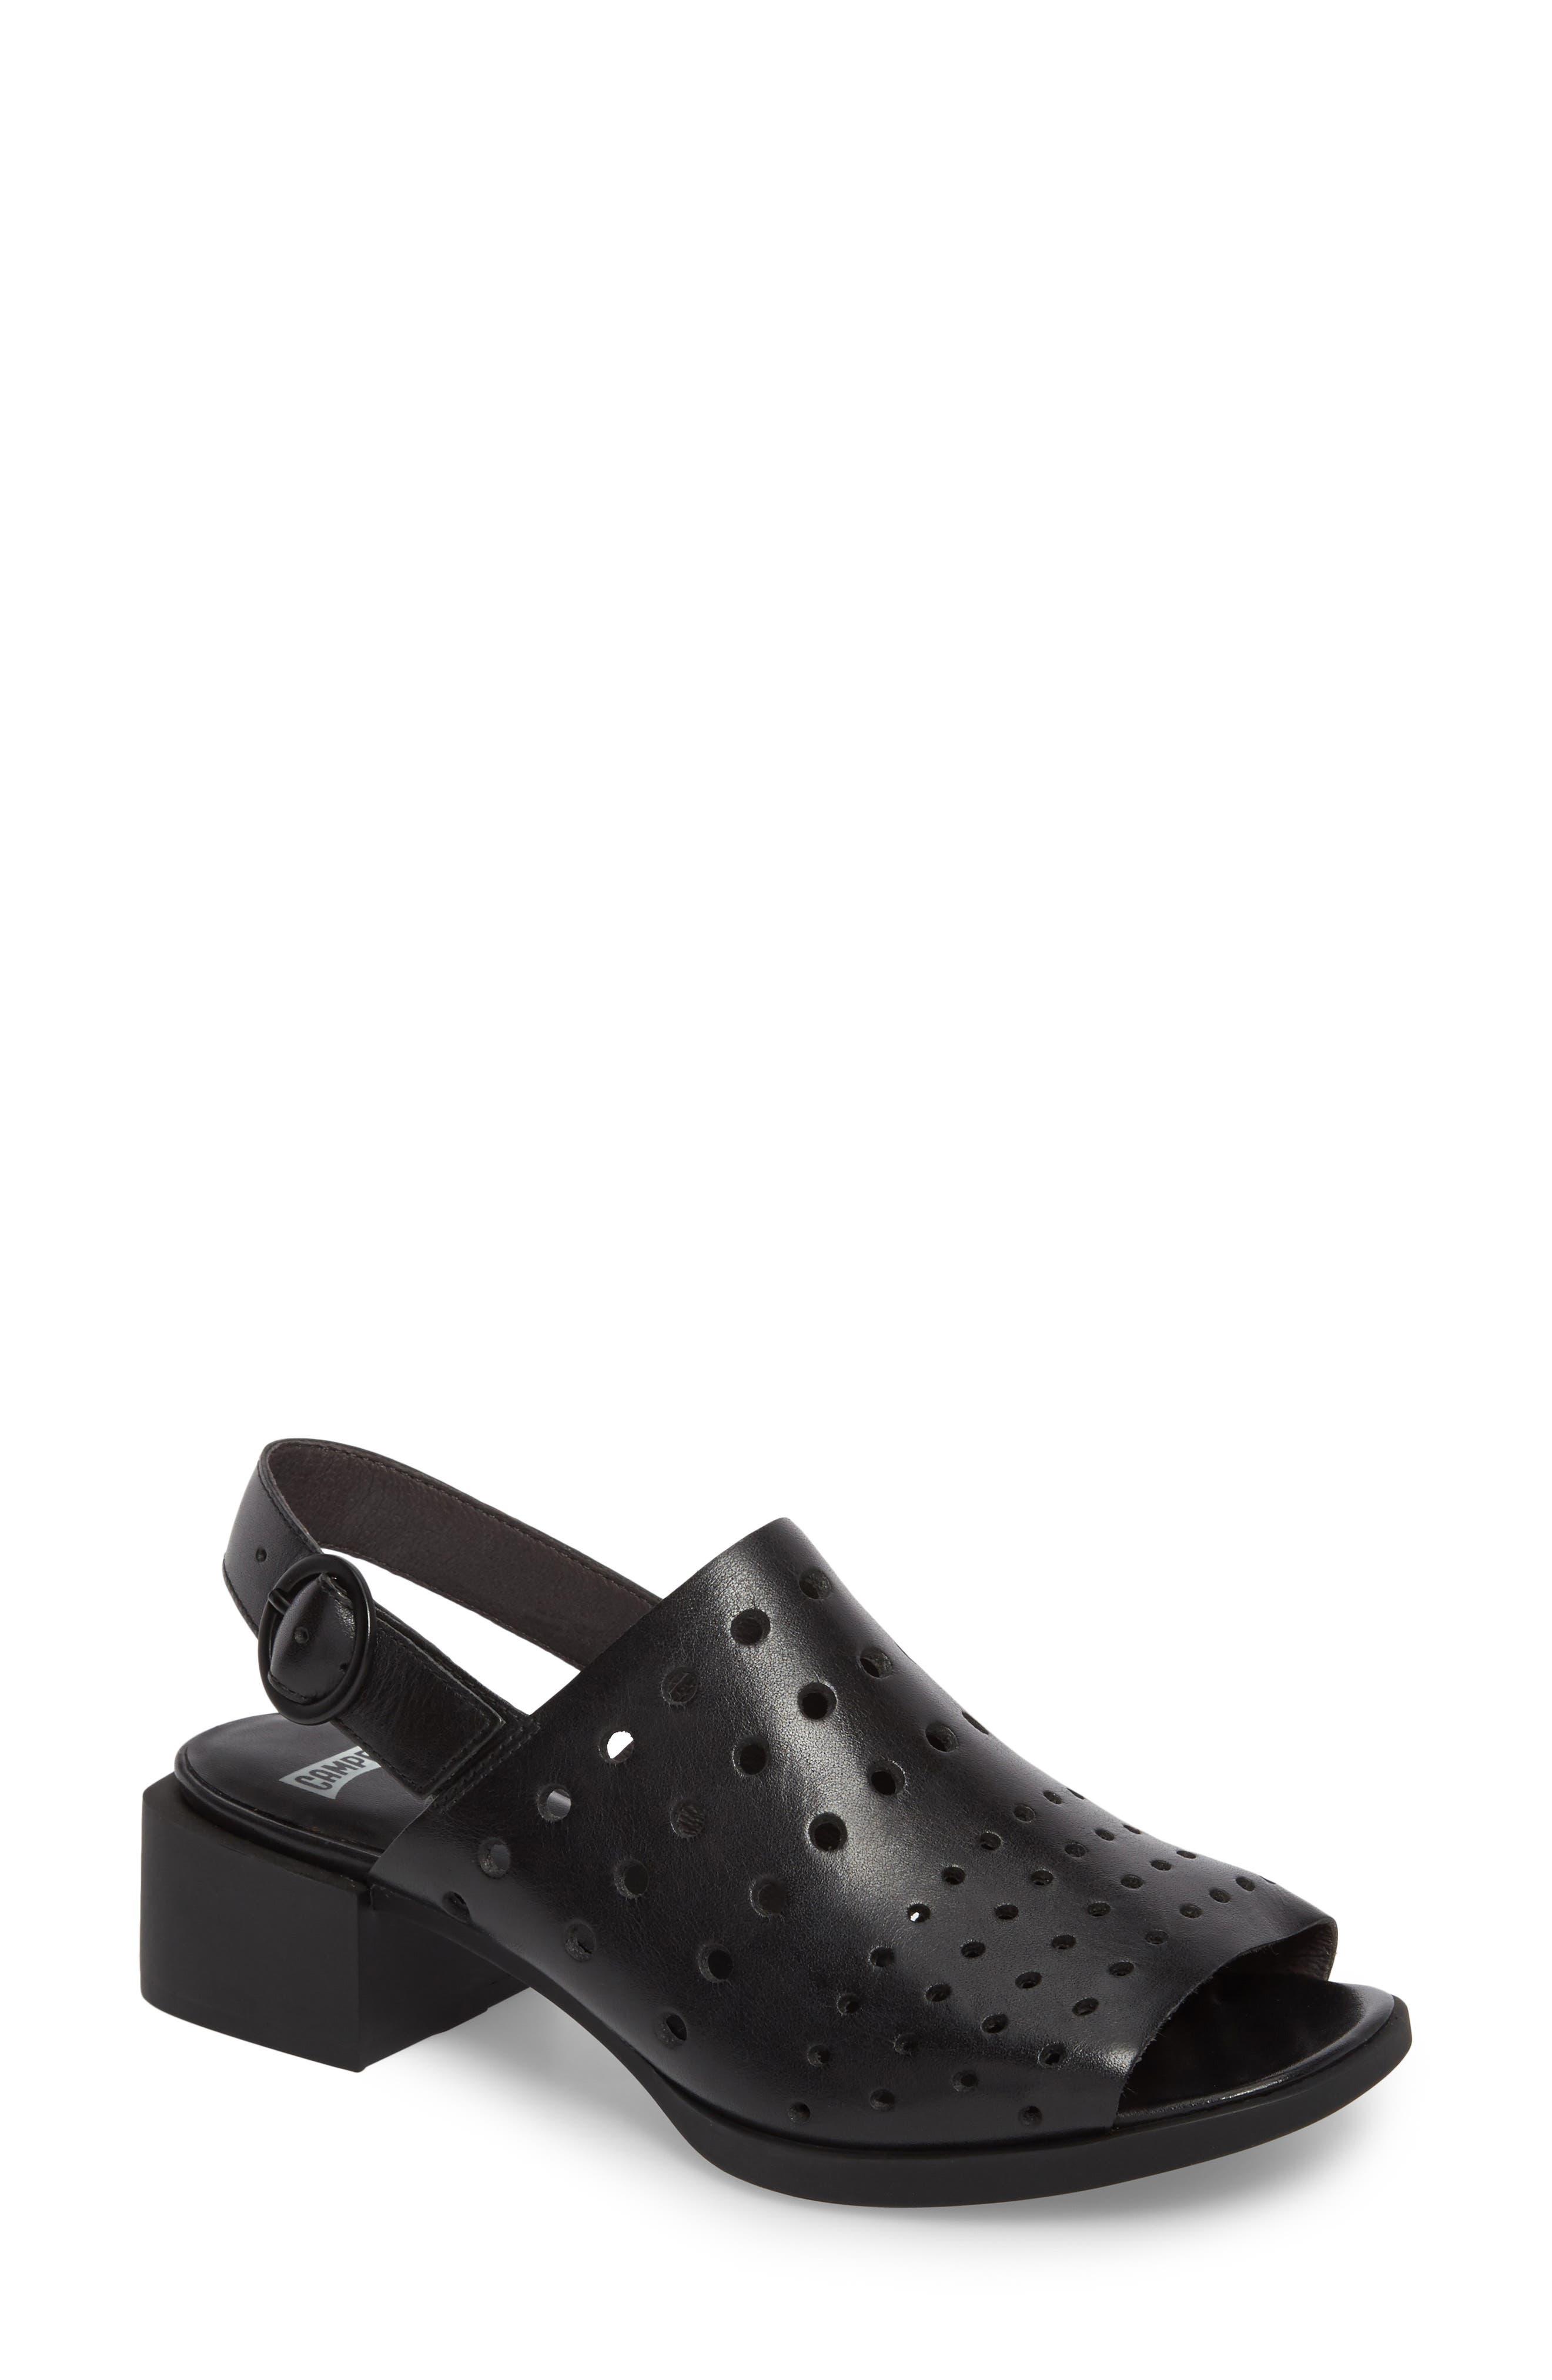 Twins Sandal,                         Main,                         color, Black Leather